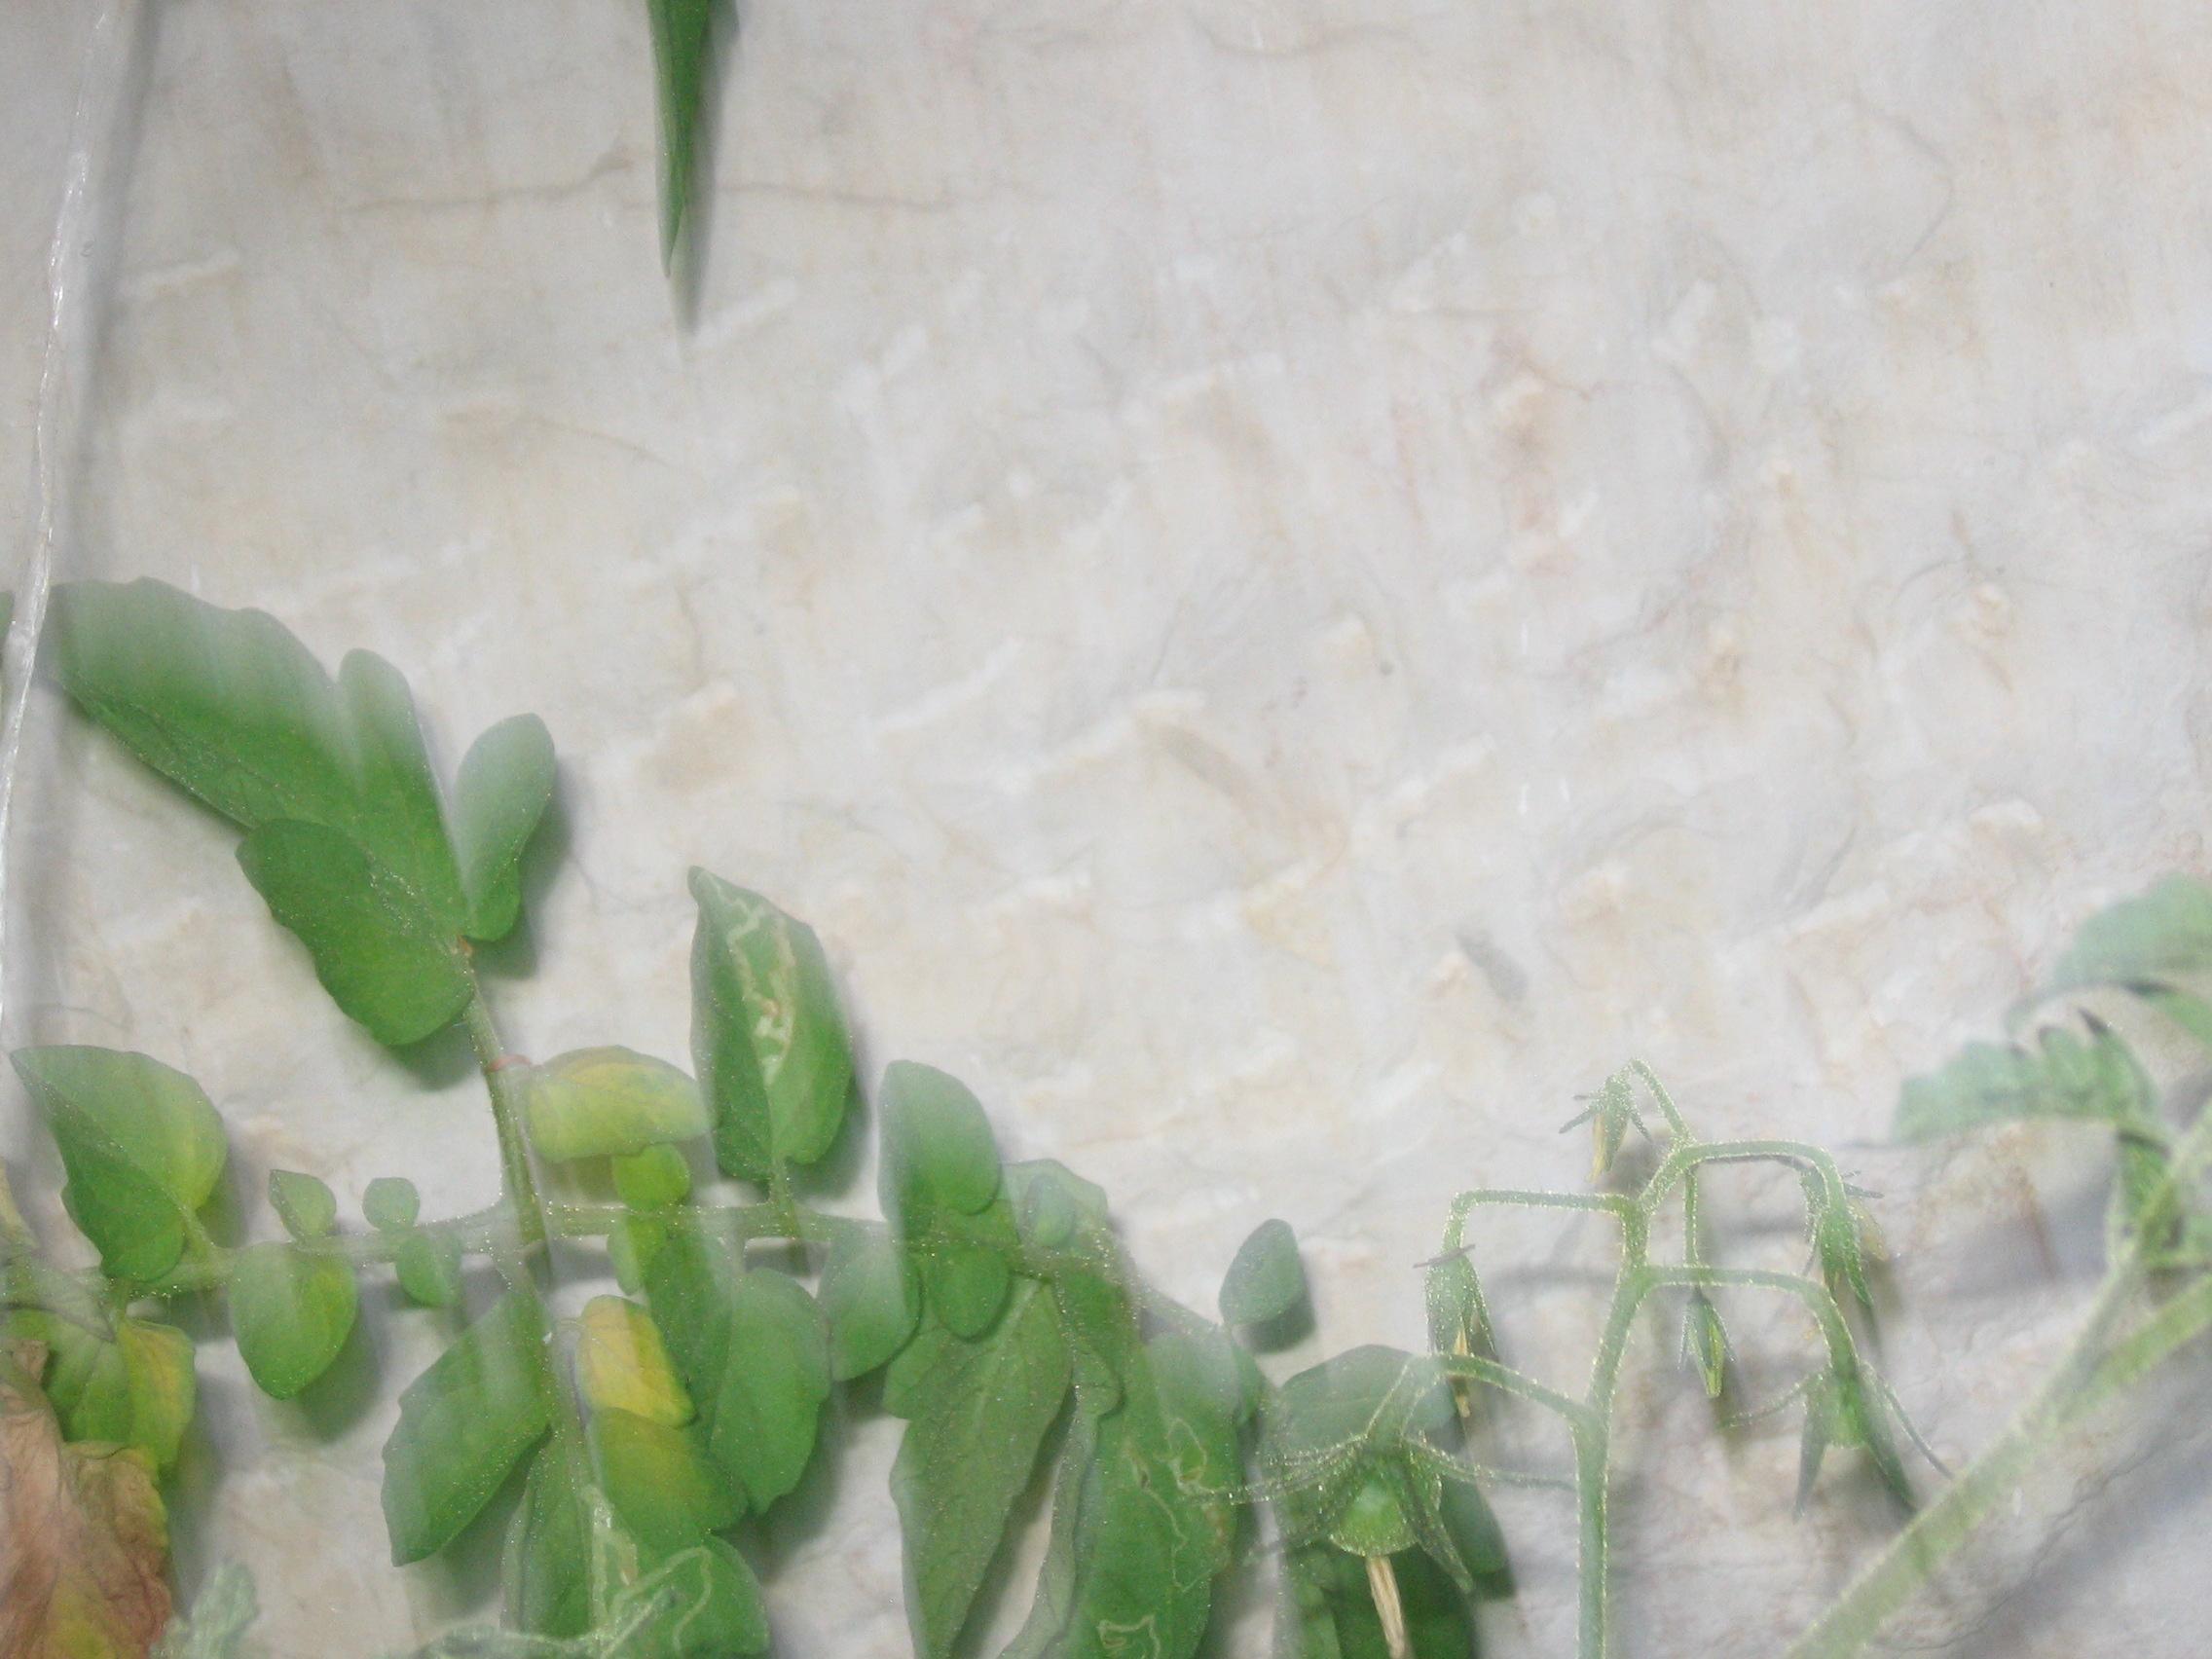 צילום אמנותי של שיח העגבניות